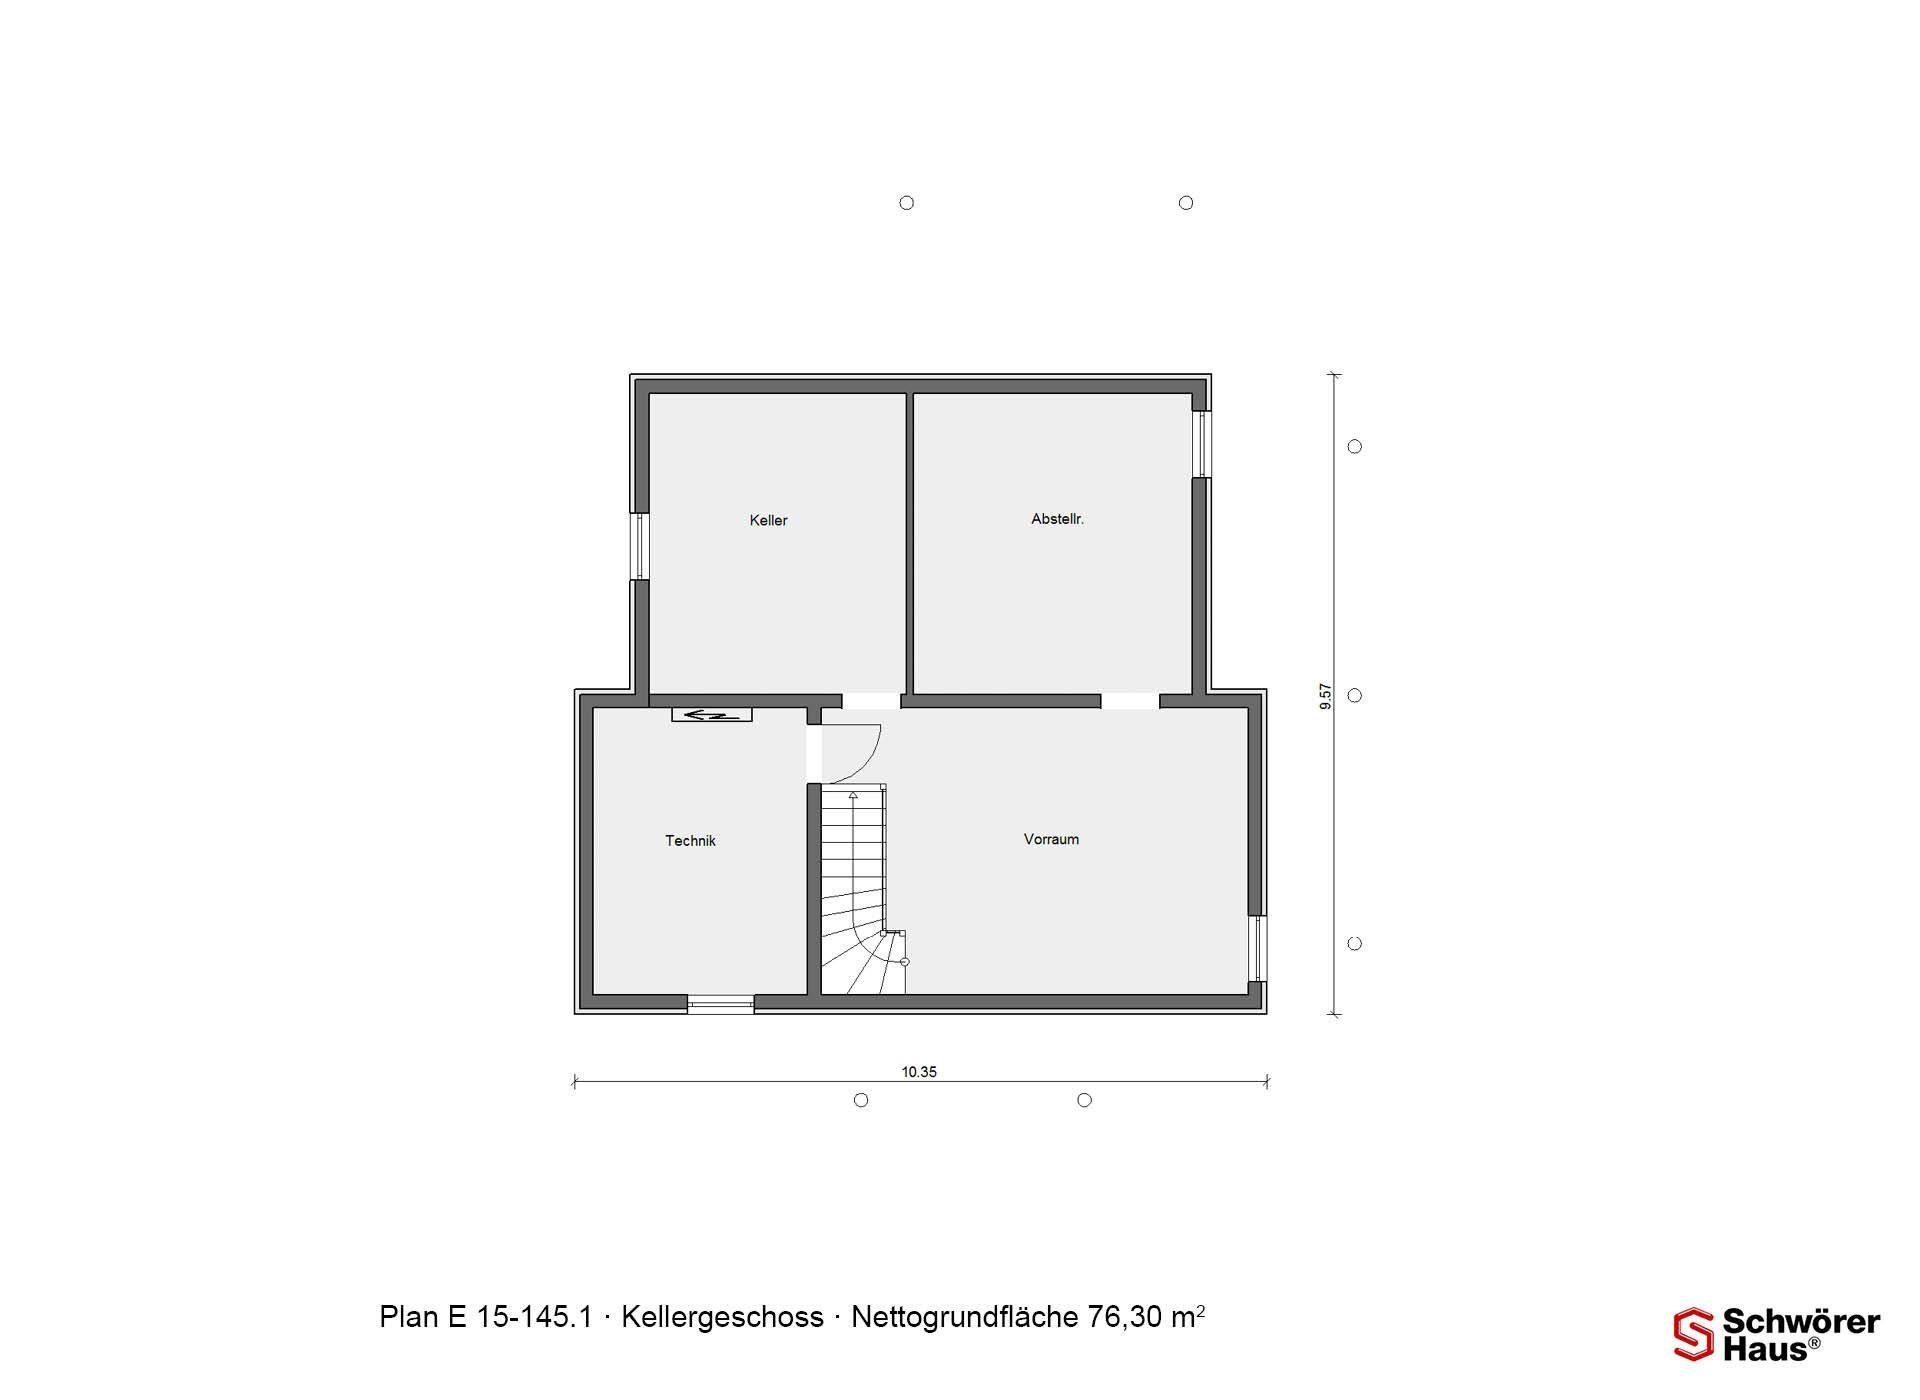 Plan E 15-145.1 - Eine Nahaufnahme von einem Logo - Design